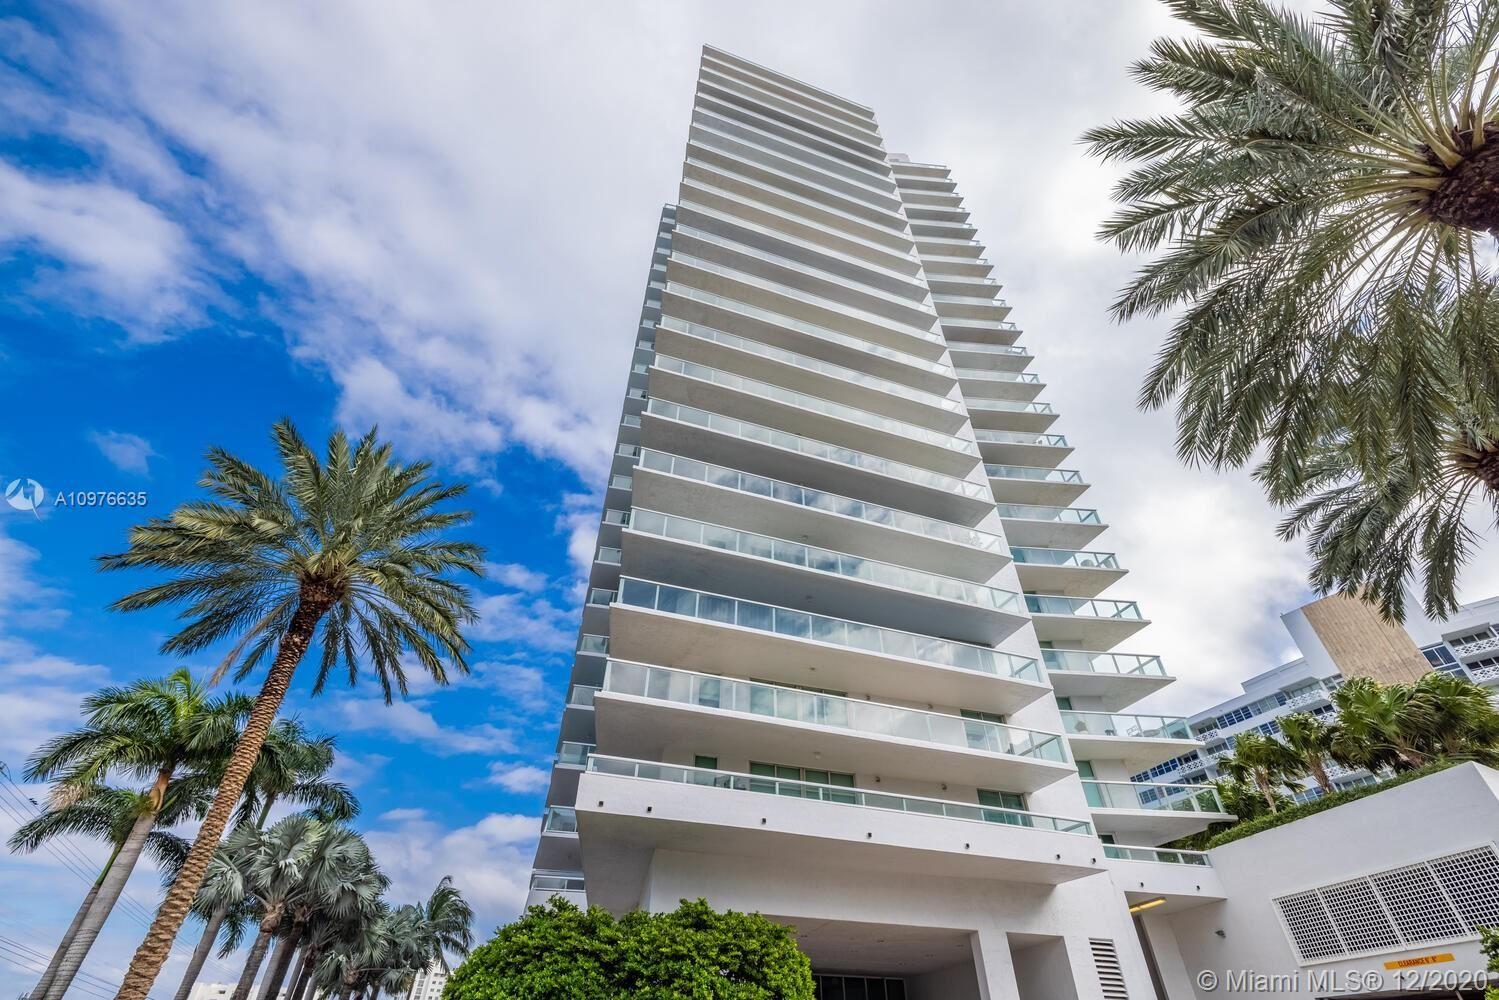 10 Venetian Way #702, Miami Beach, FL 33139 - #: A10976635